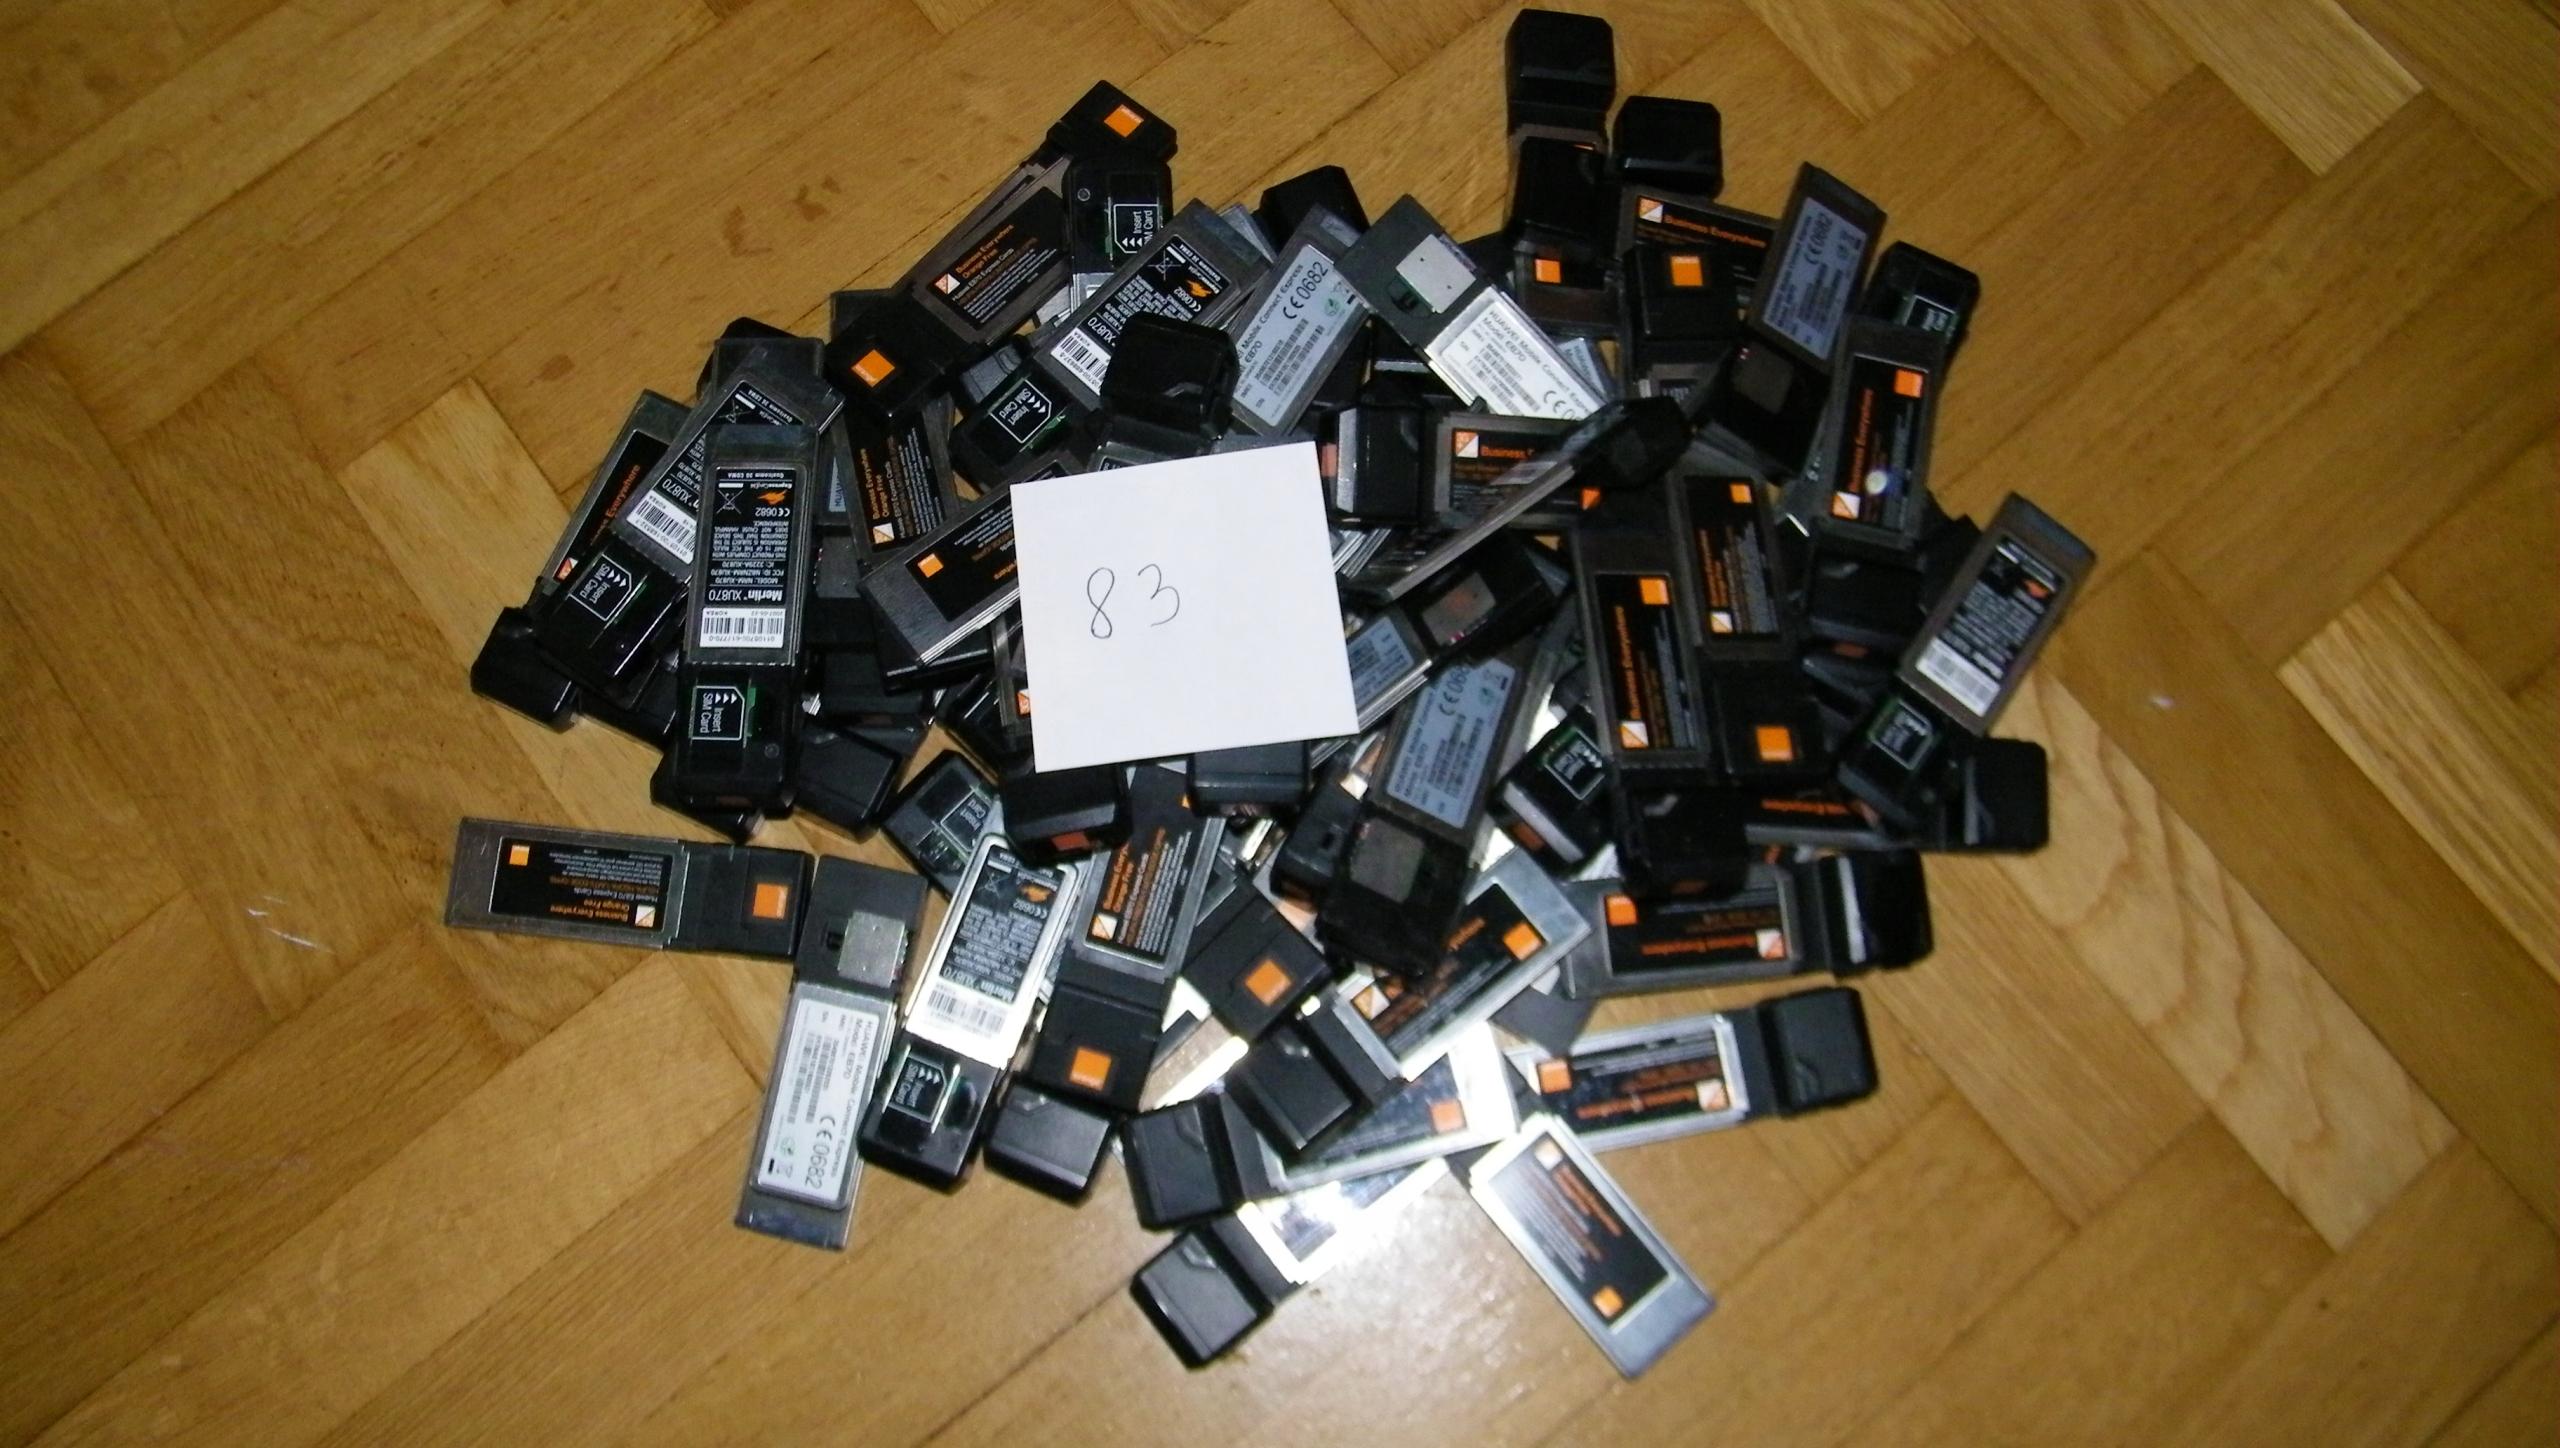 MODEM PCMCIA orange 365 sztuk